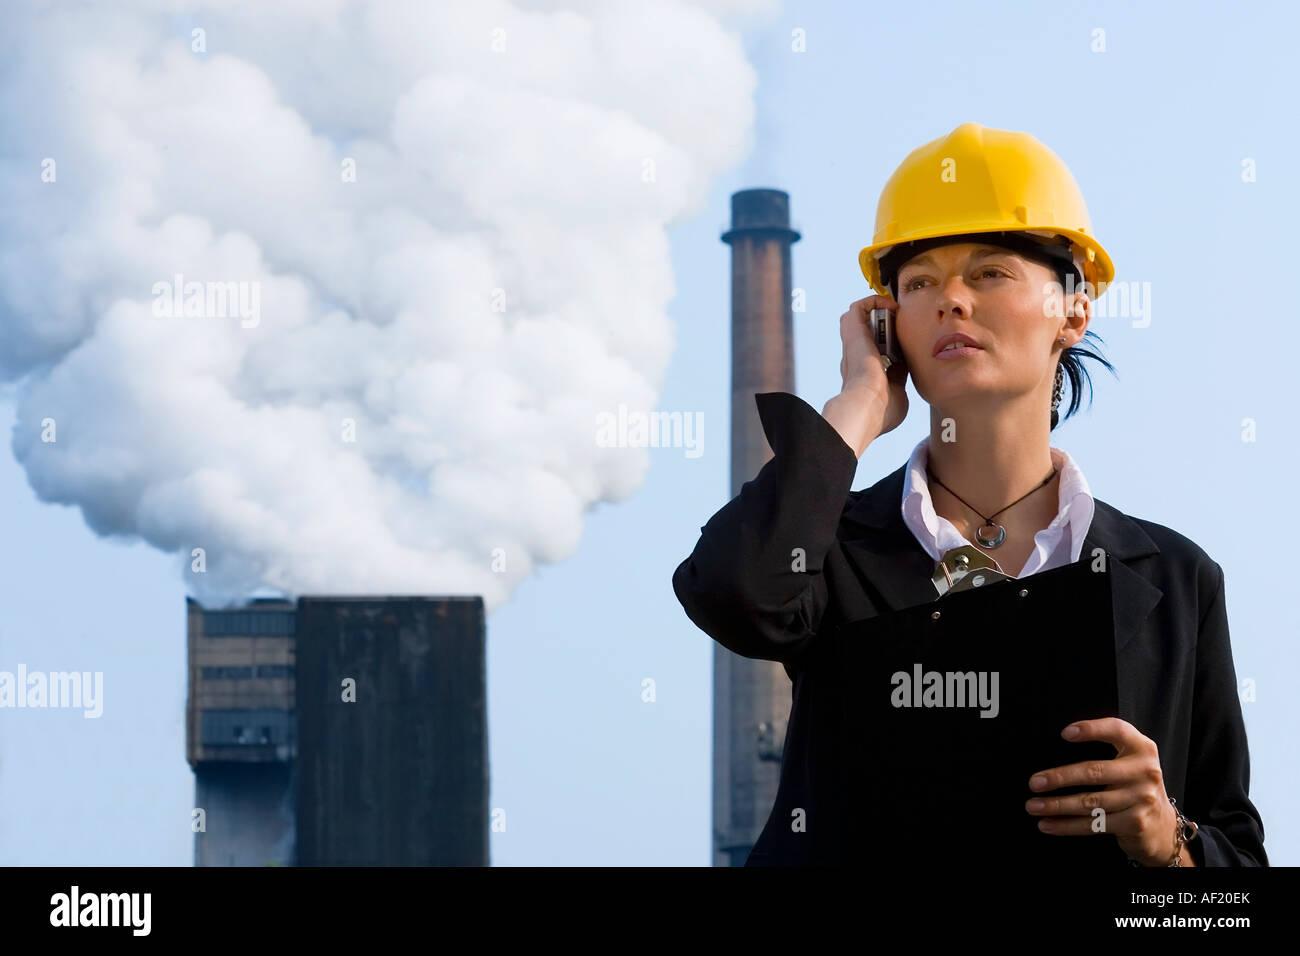 Una hermosa mujer de pelo oscuro en su teléfono móvil de pie delante de una fábrica de bombear hacia afuera la contaminación de sus chimeneas Foto de stock